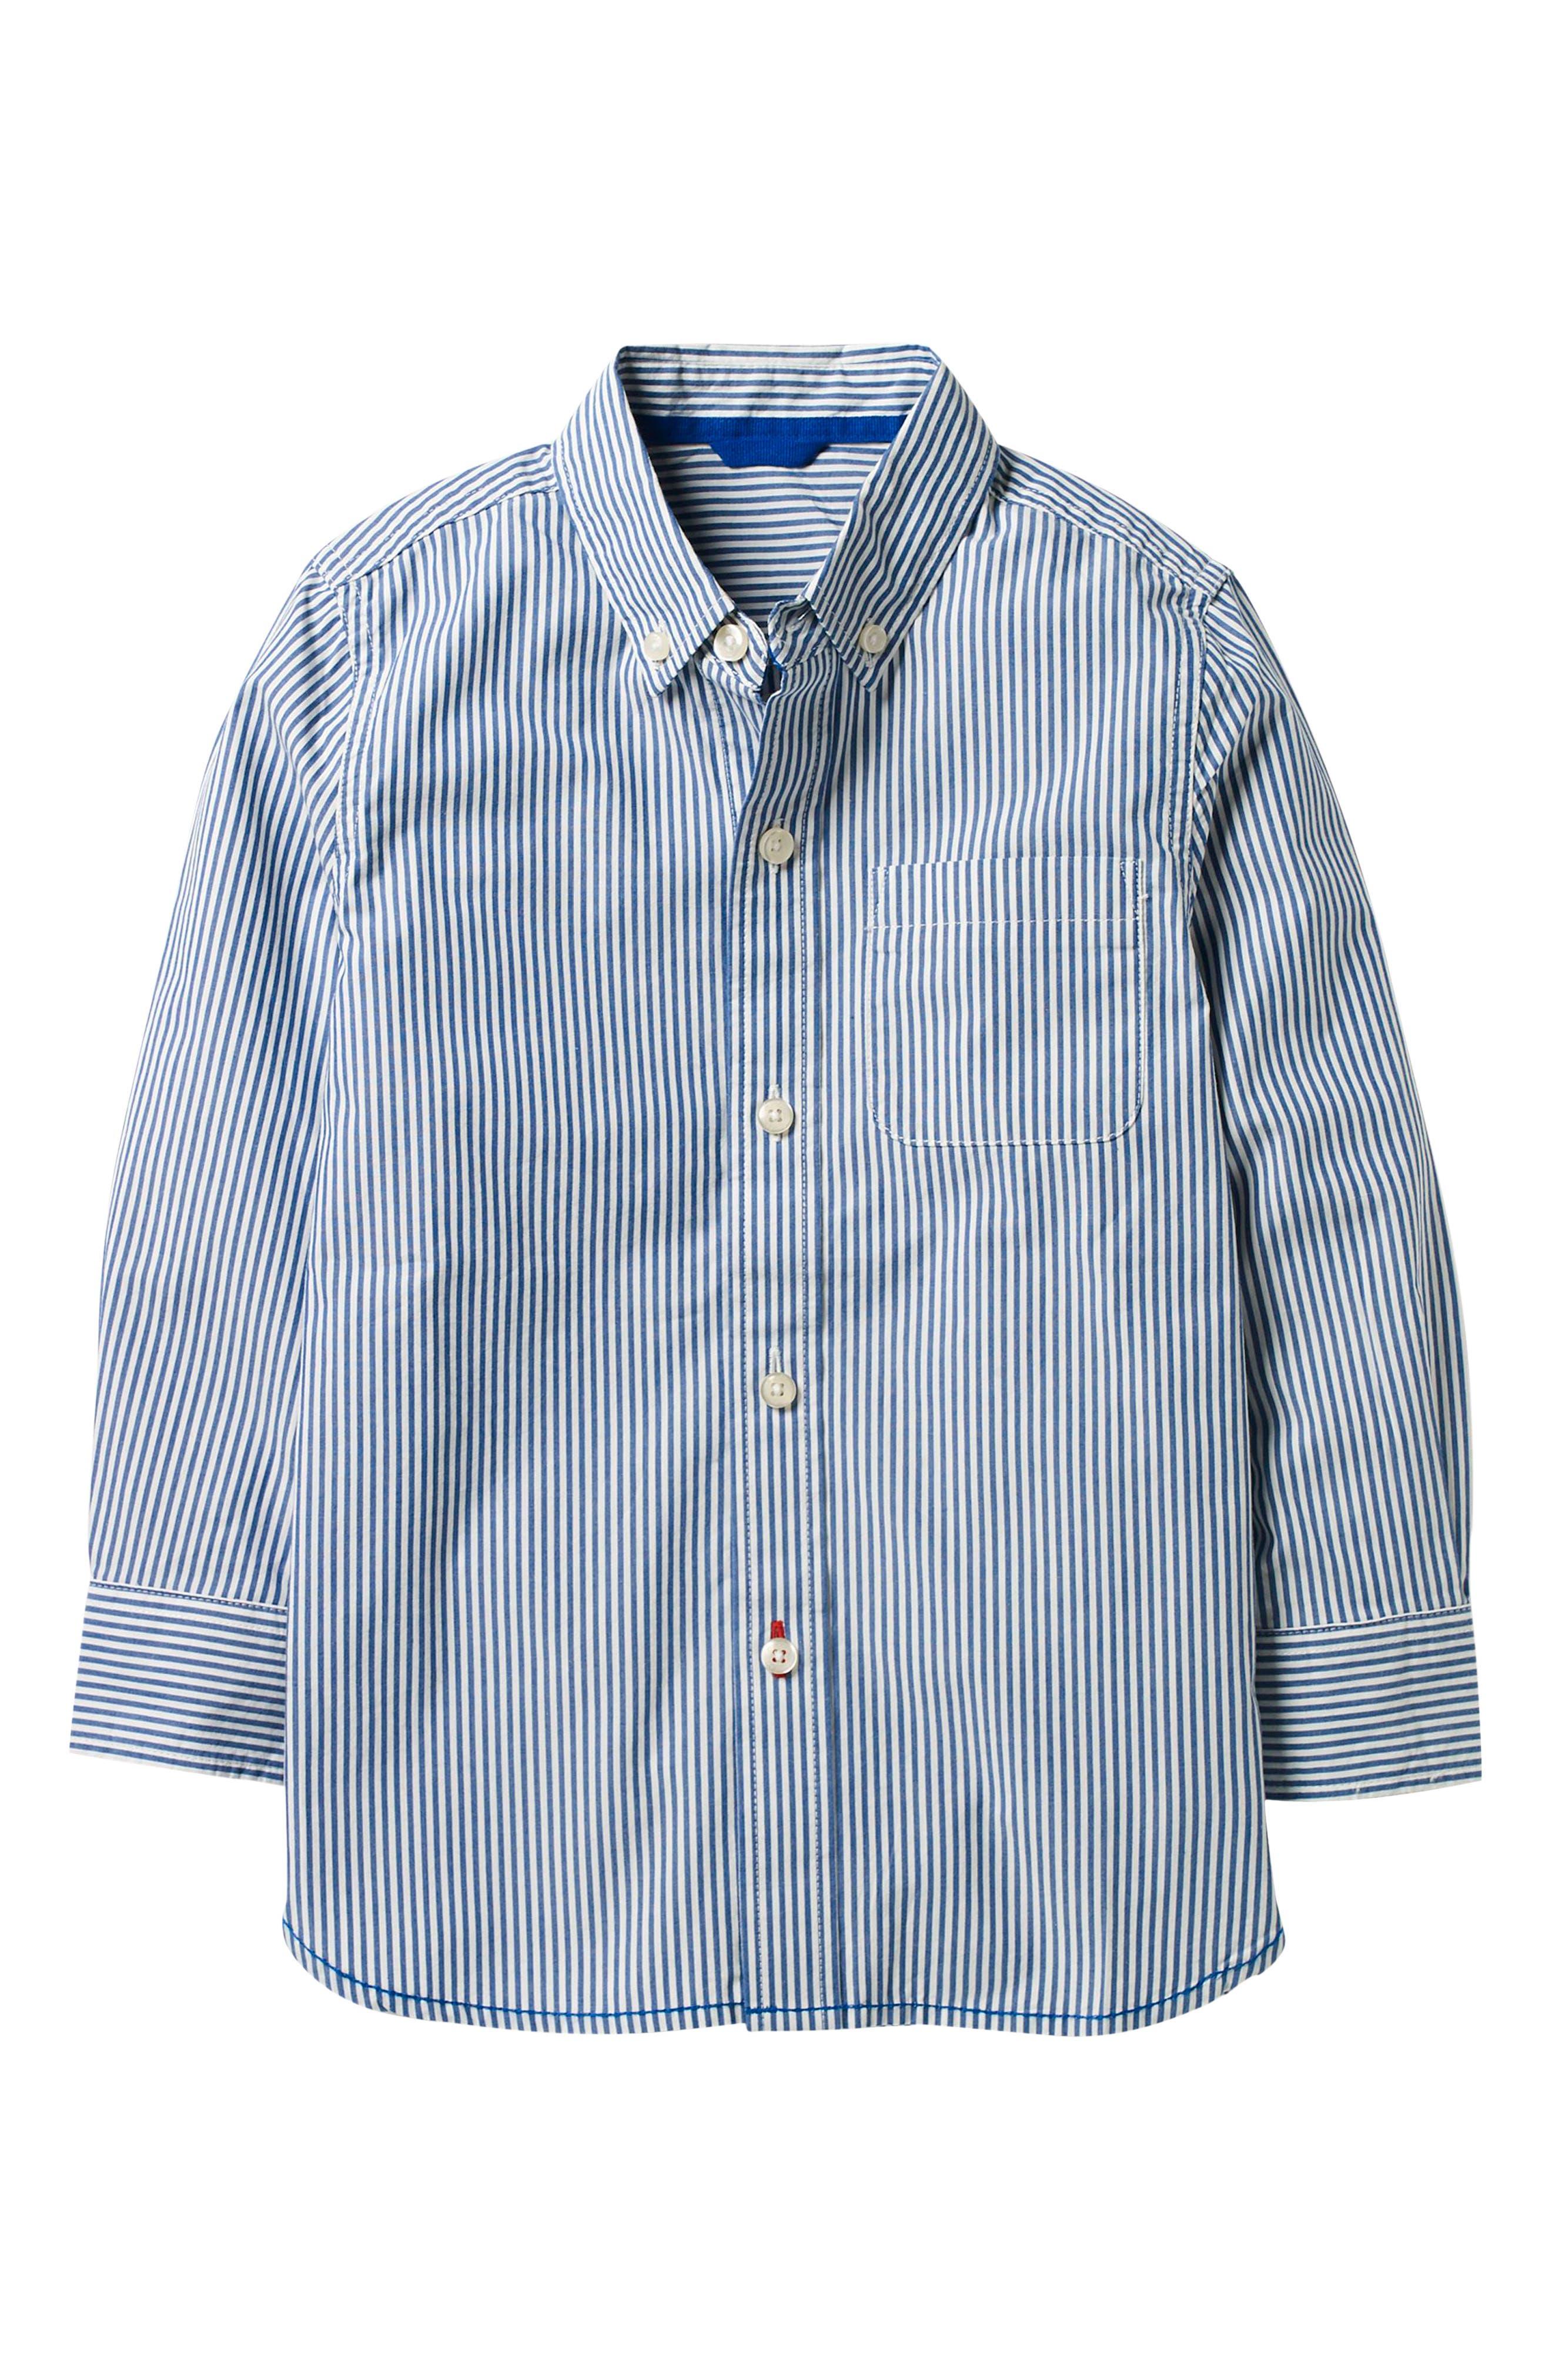 Main Image - Mini Boden Laundered Stripe Woven Shirt (Toddler Boys, Little Boys & Big Boys)